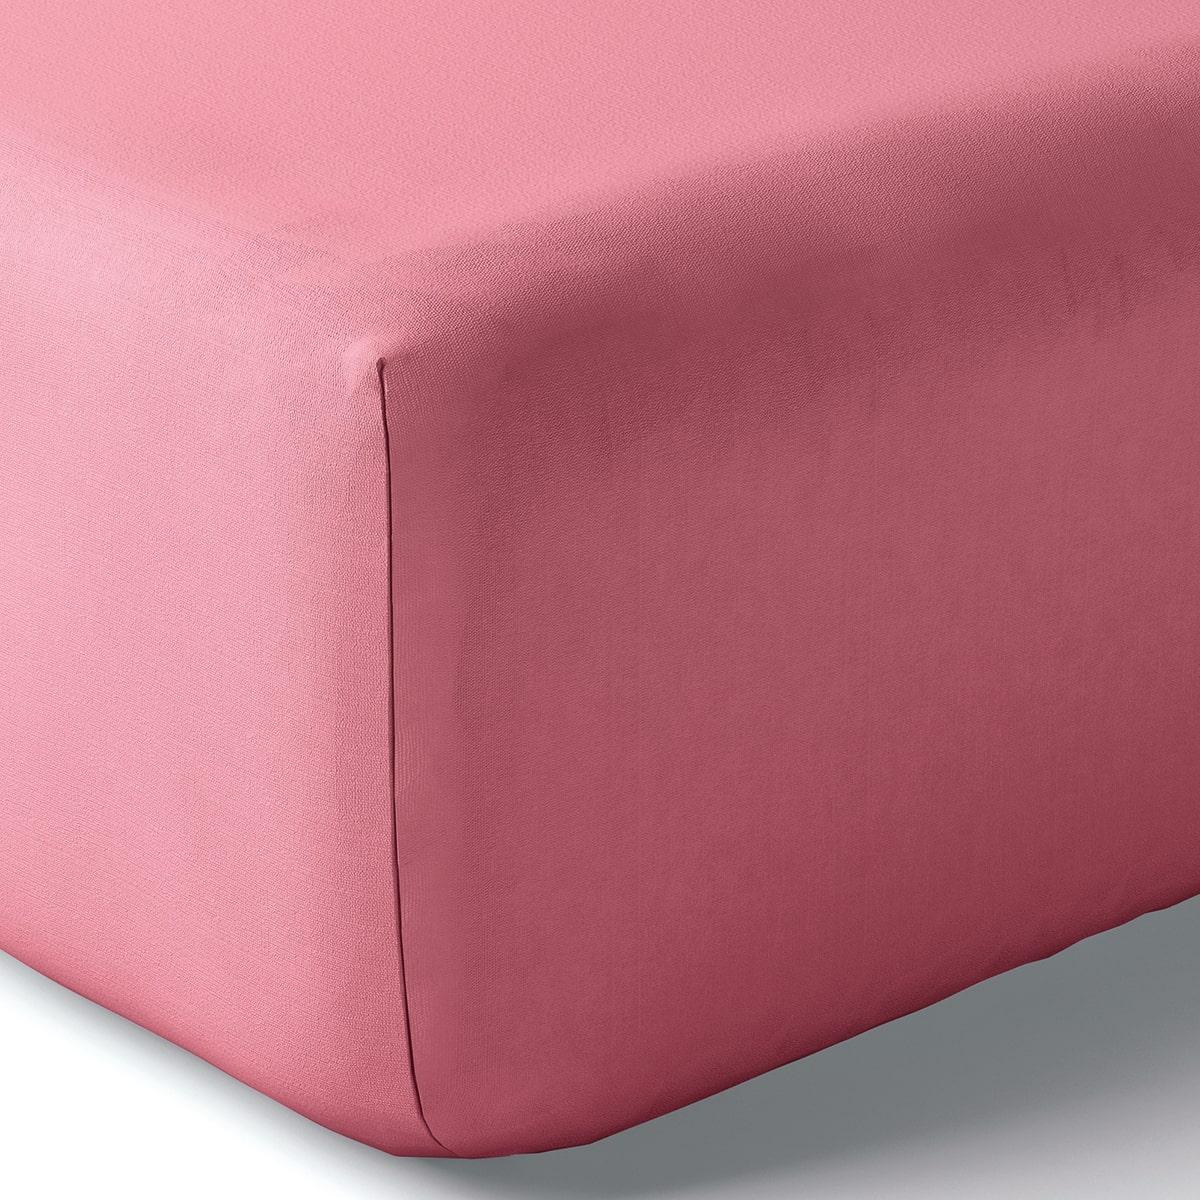 Drap housse coton 160x200 cm pivoine